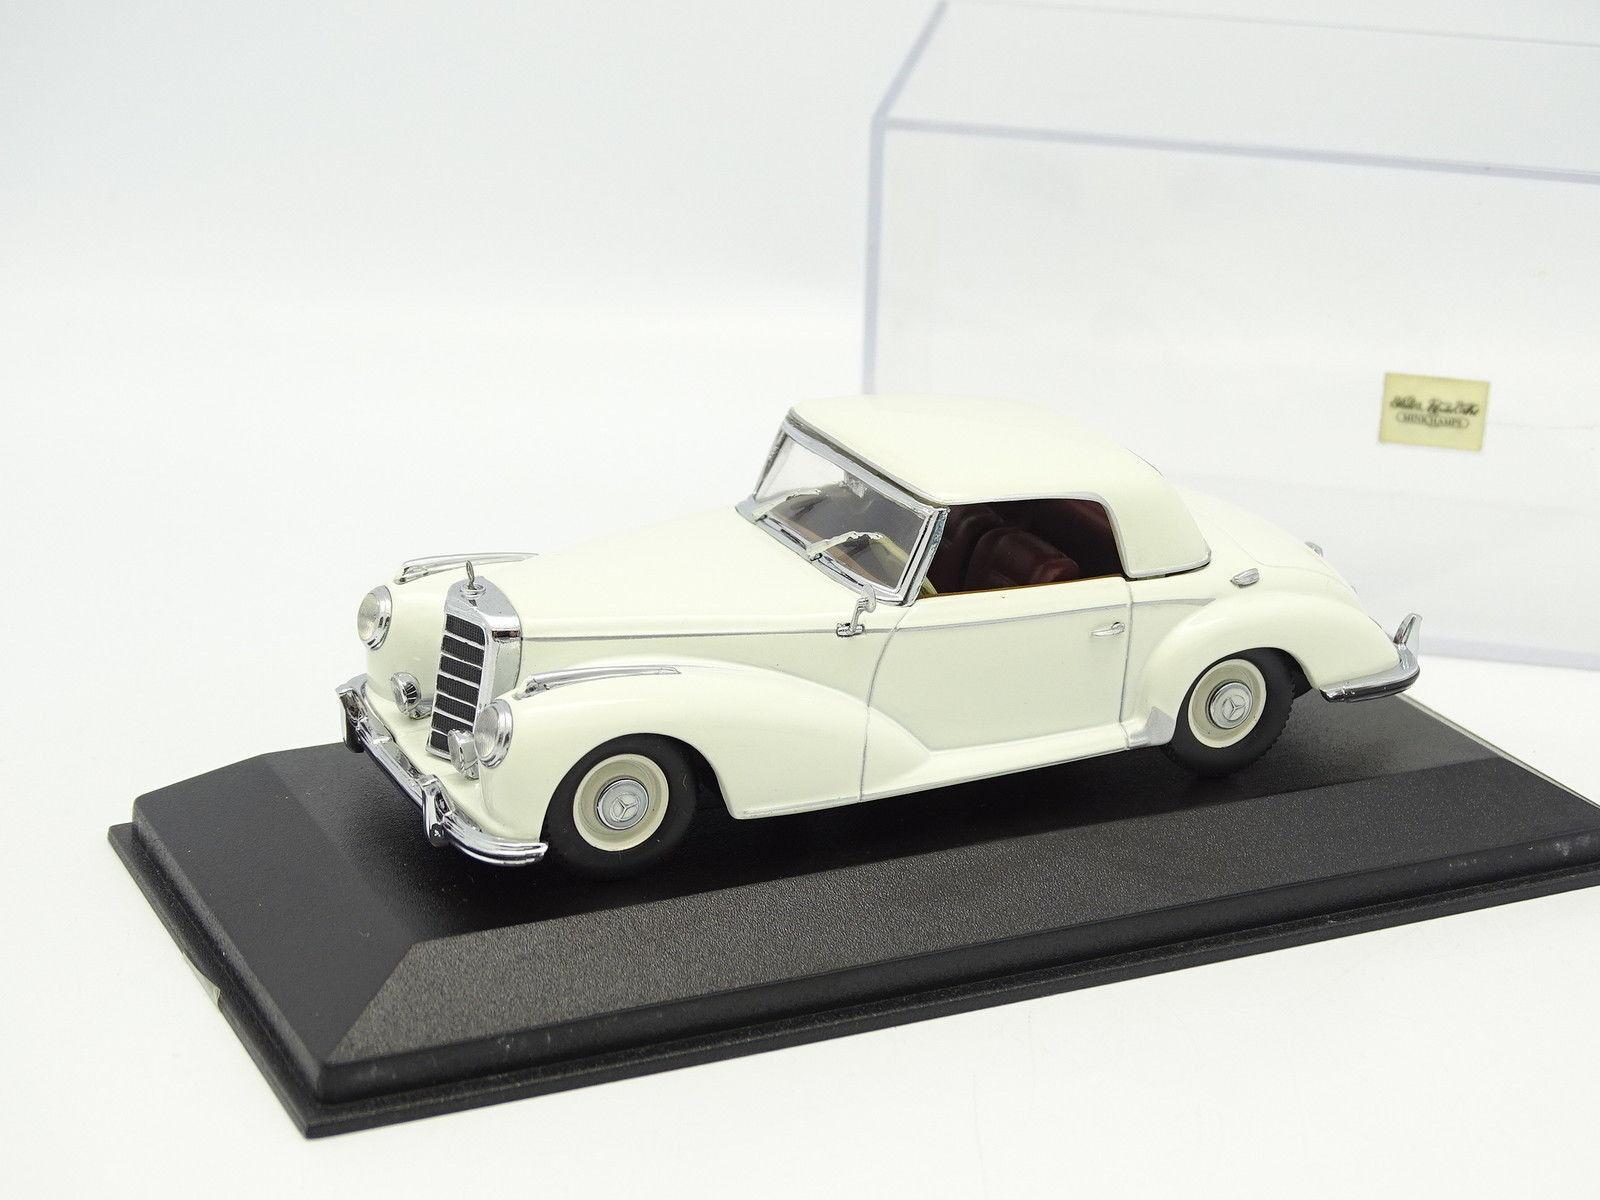 in vendita scontato del 70% Minichamps 1 43 - Mercedes 300 S S S Cabrio Hard Top Bianco 1951  garanzia di qualità